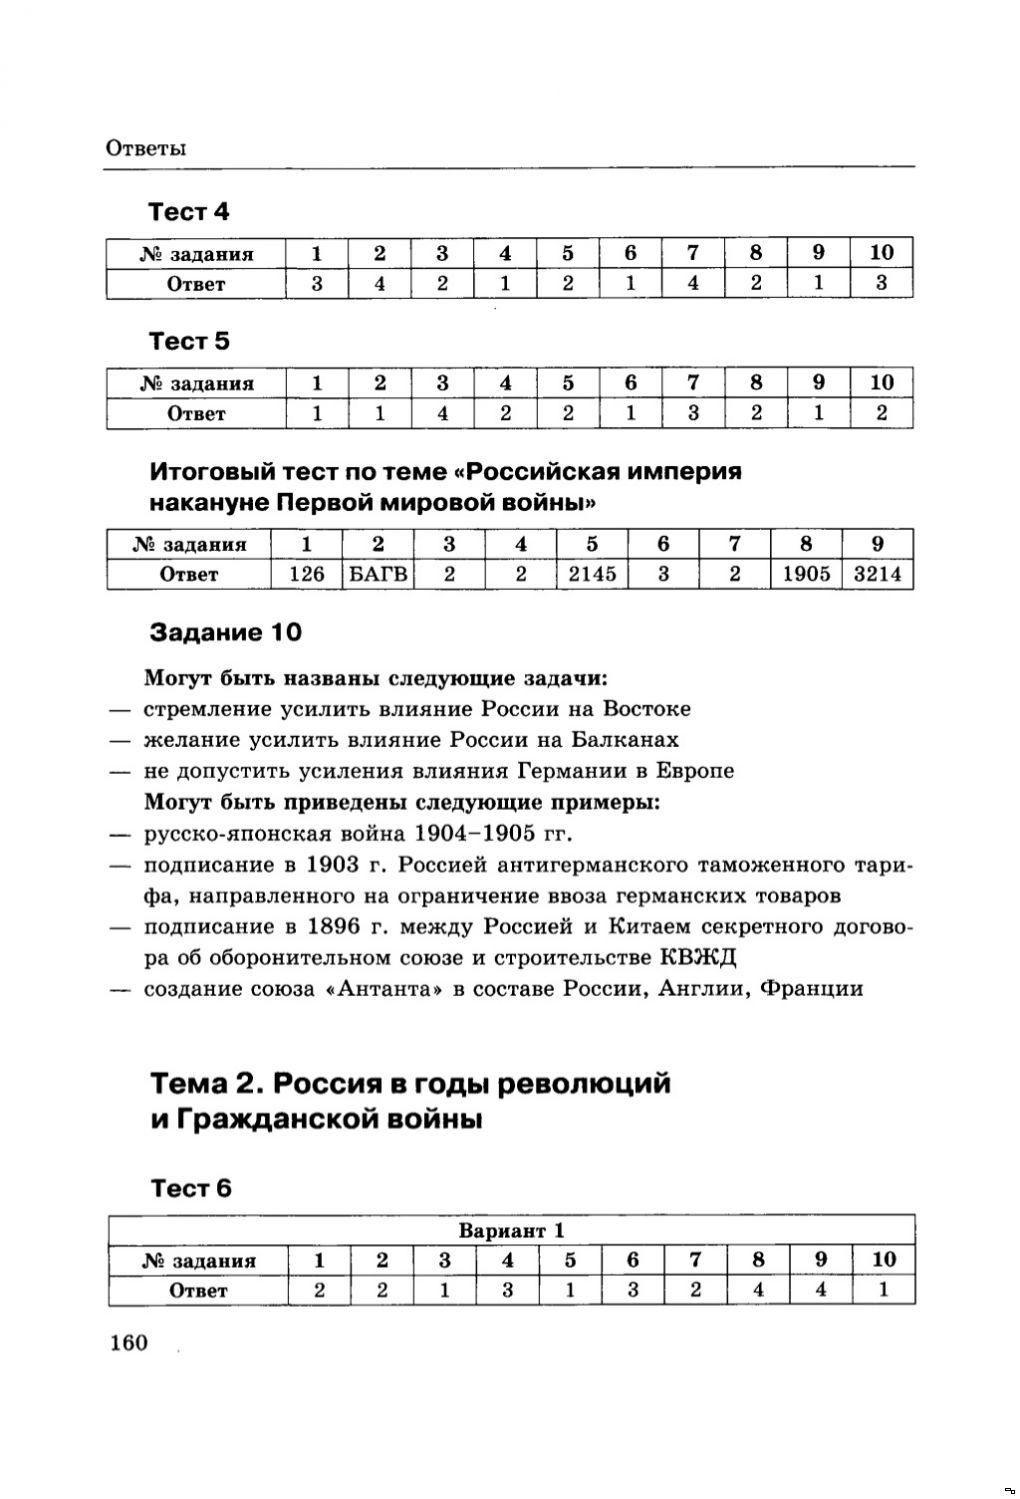 Ответы на тест по теме проблемы социально-политической и духовной жизни 11 класс